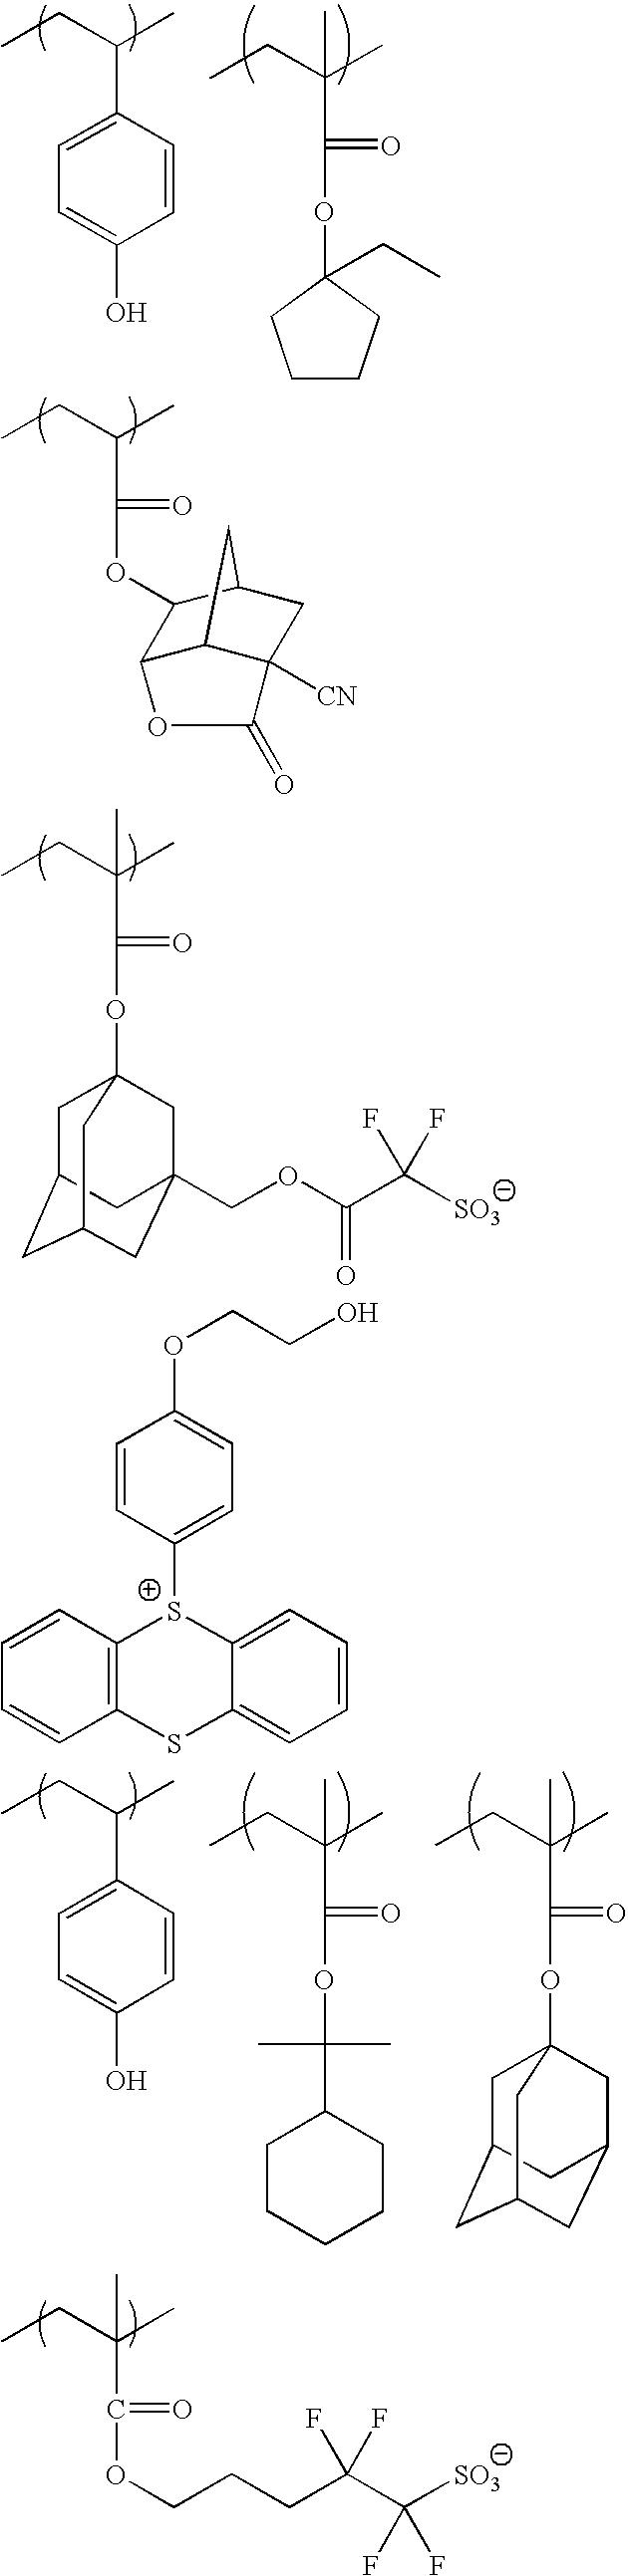 Figure US08852845-20141007-C00205